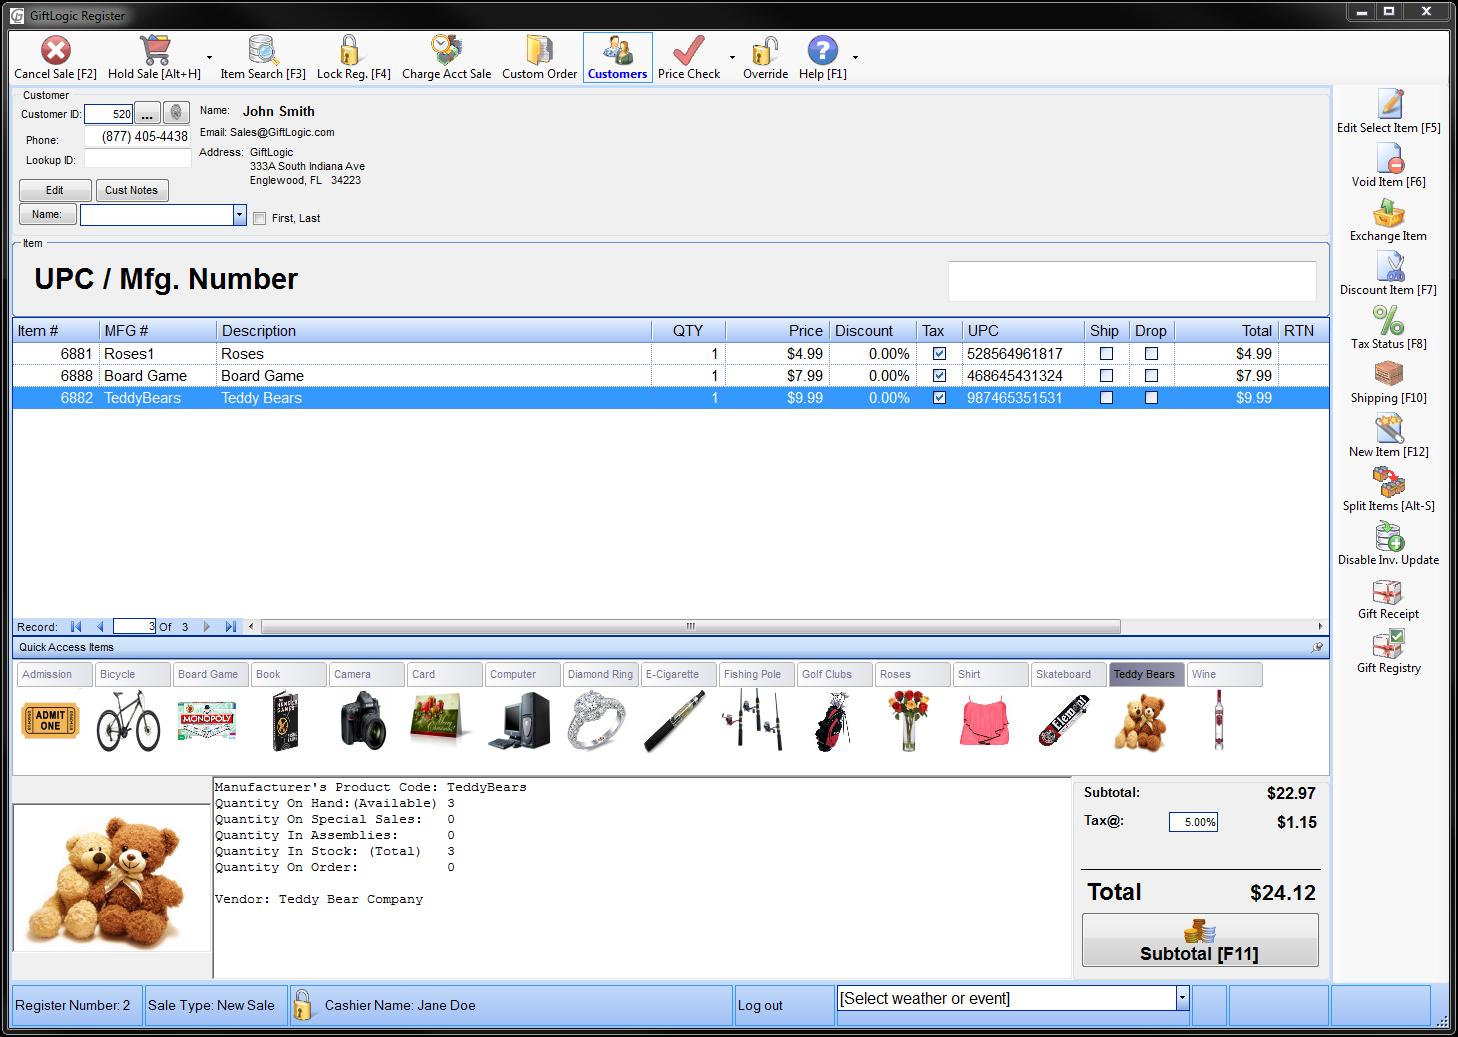 GiftLogic Software - 1